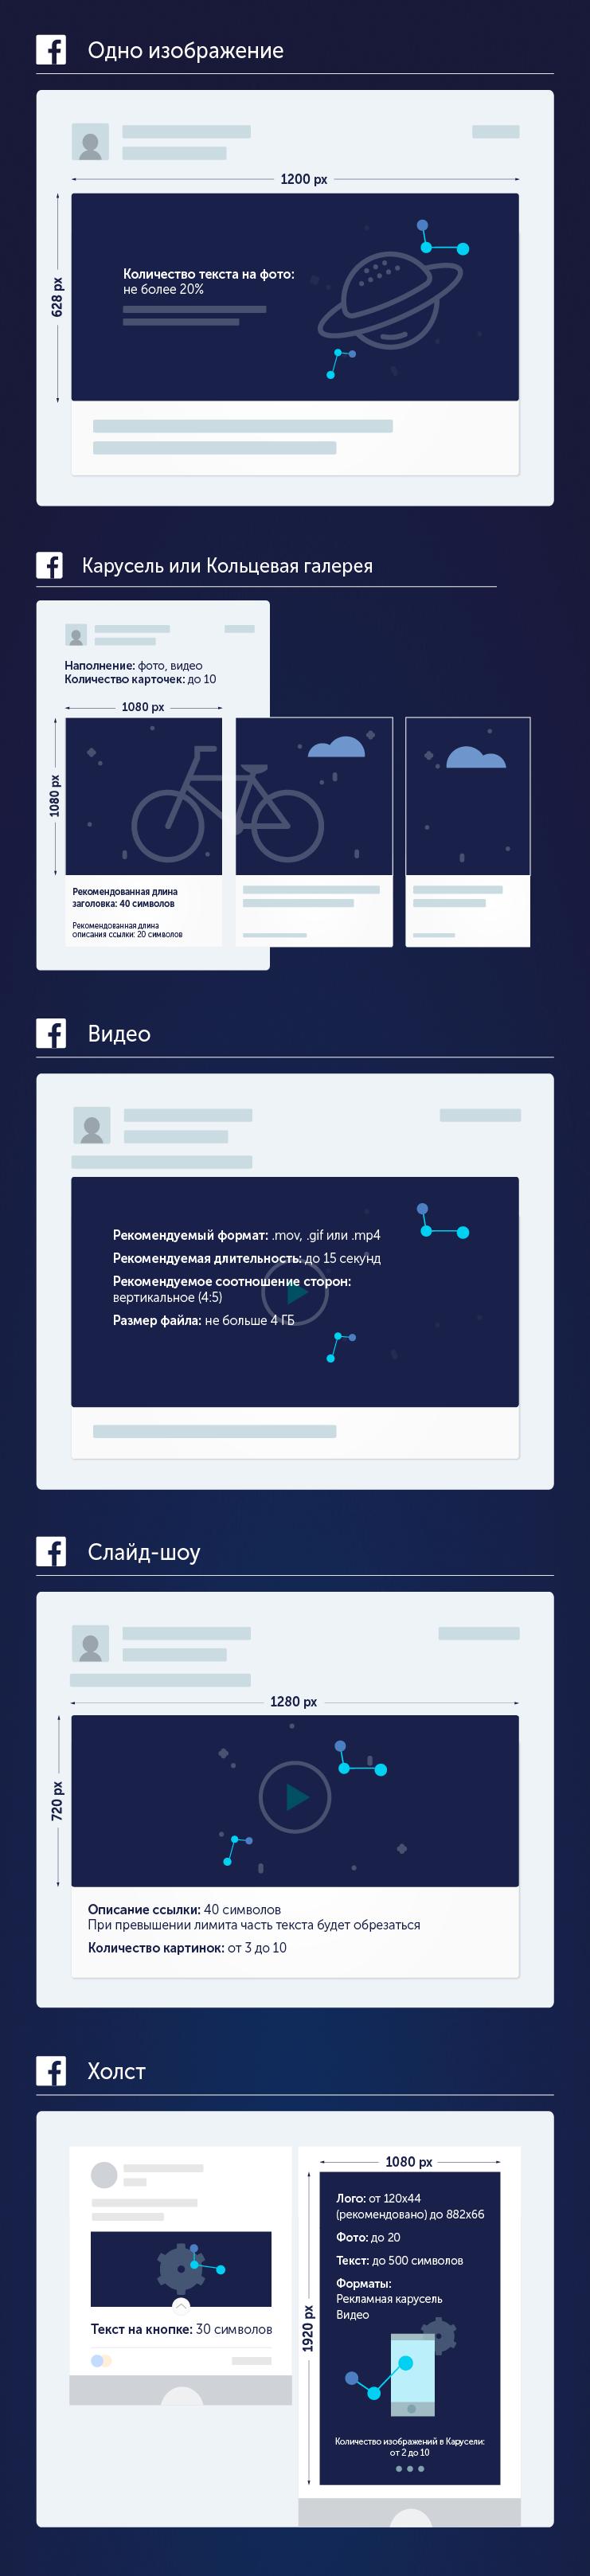 Форматы-креативов-для-Фейсбук.png